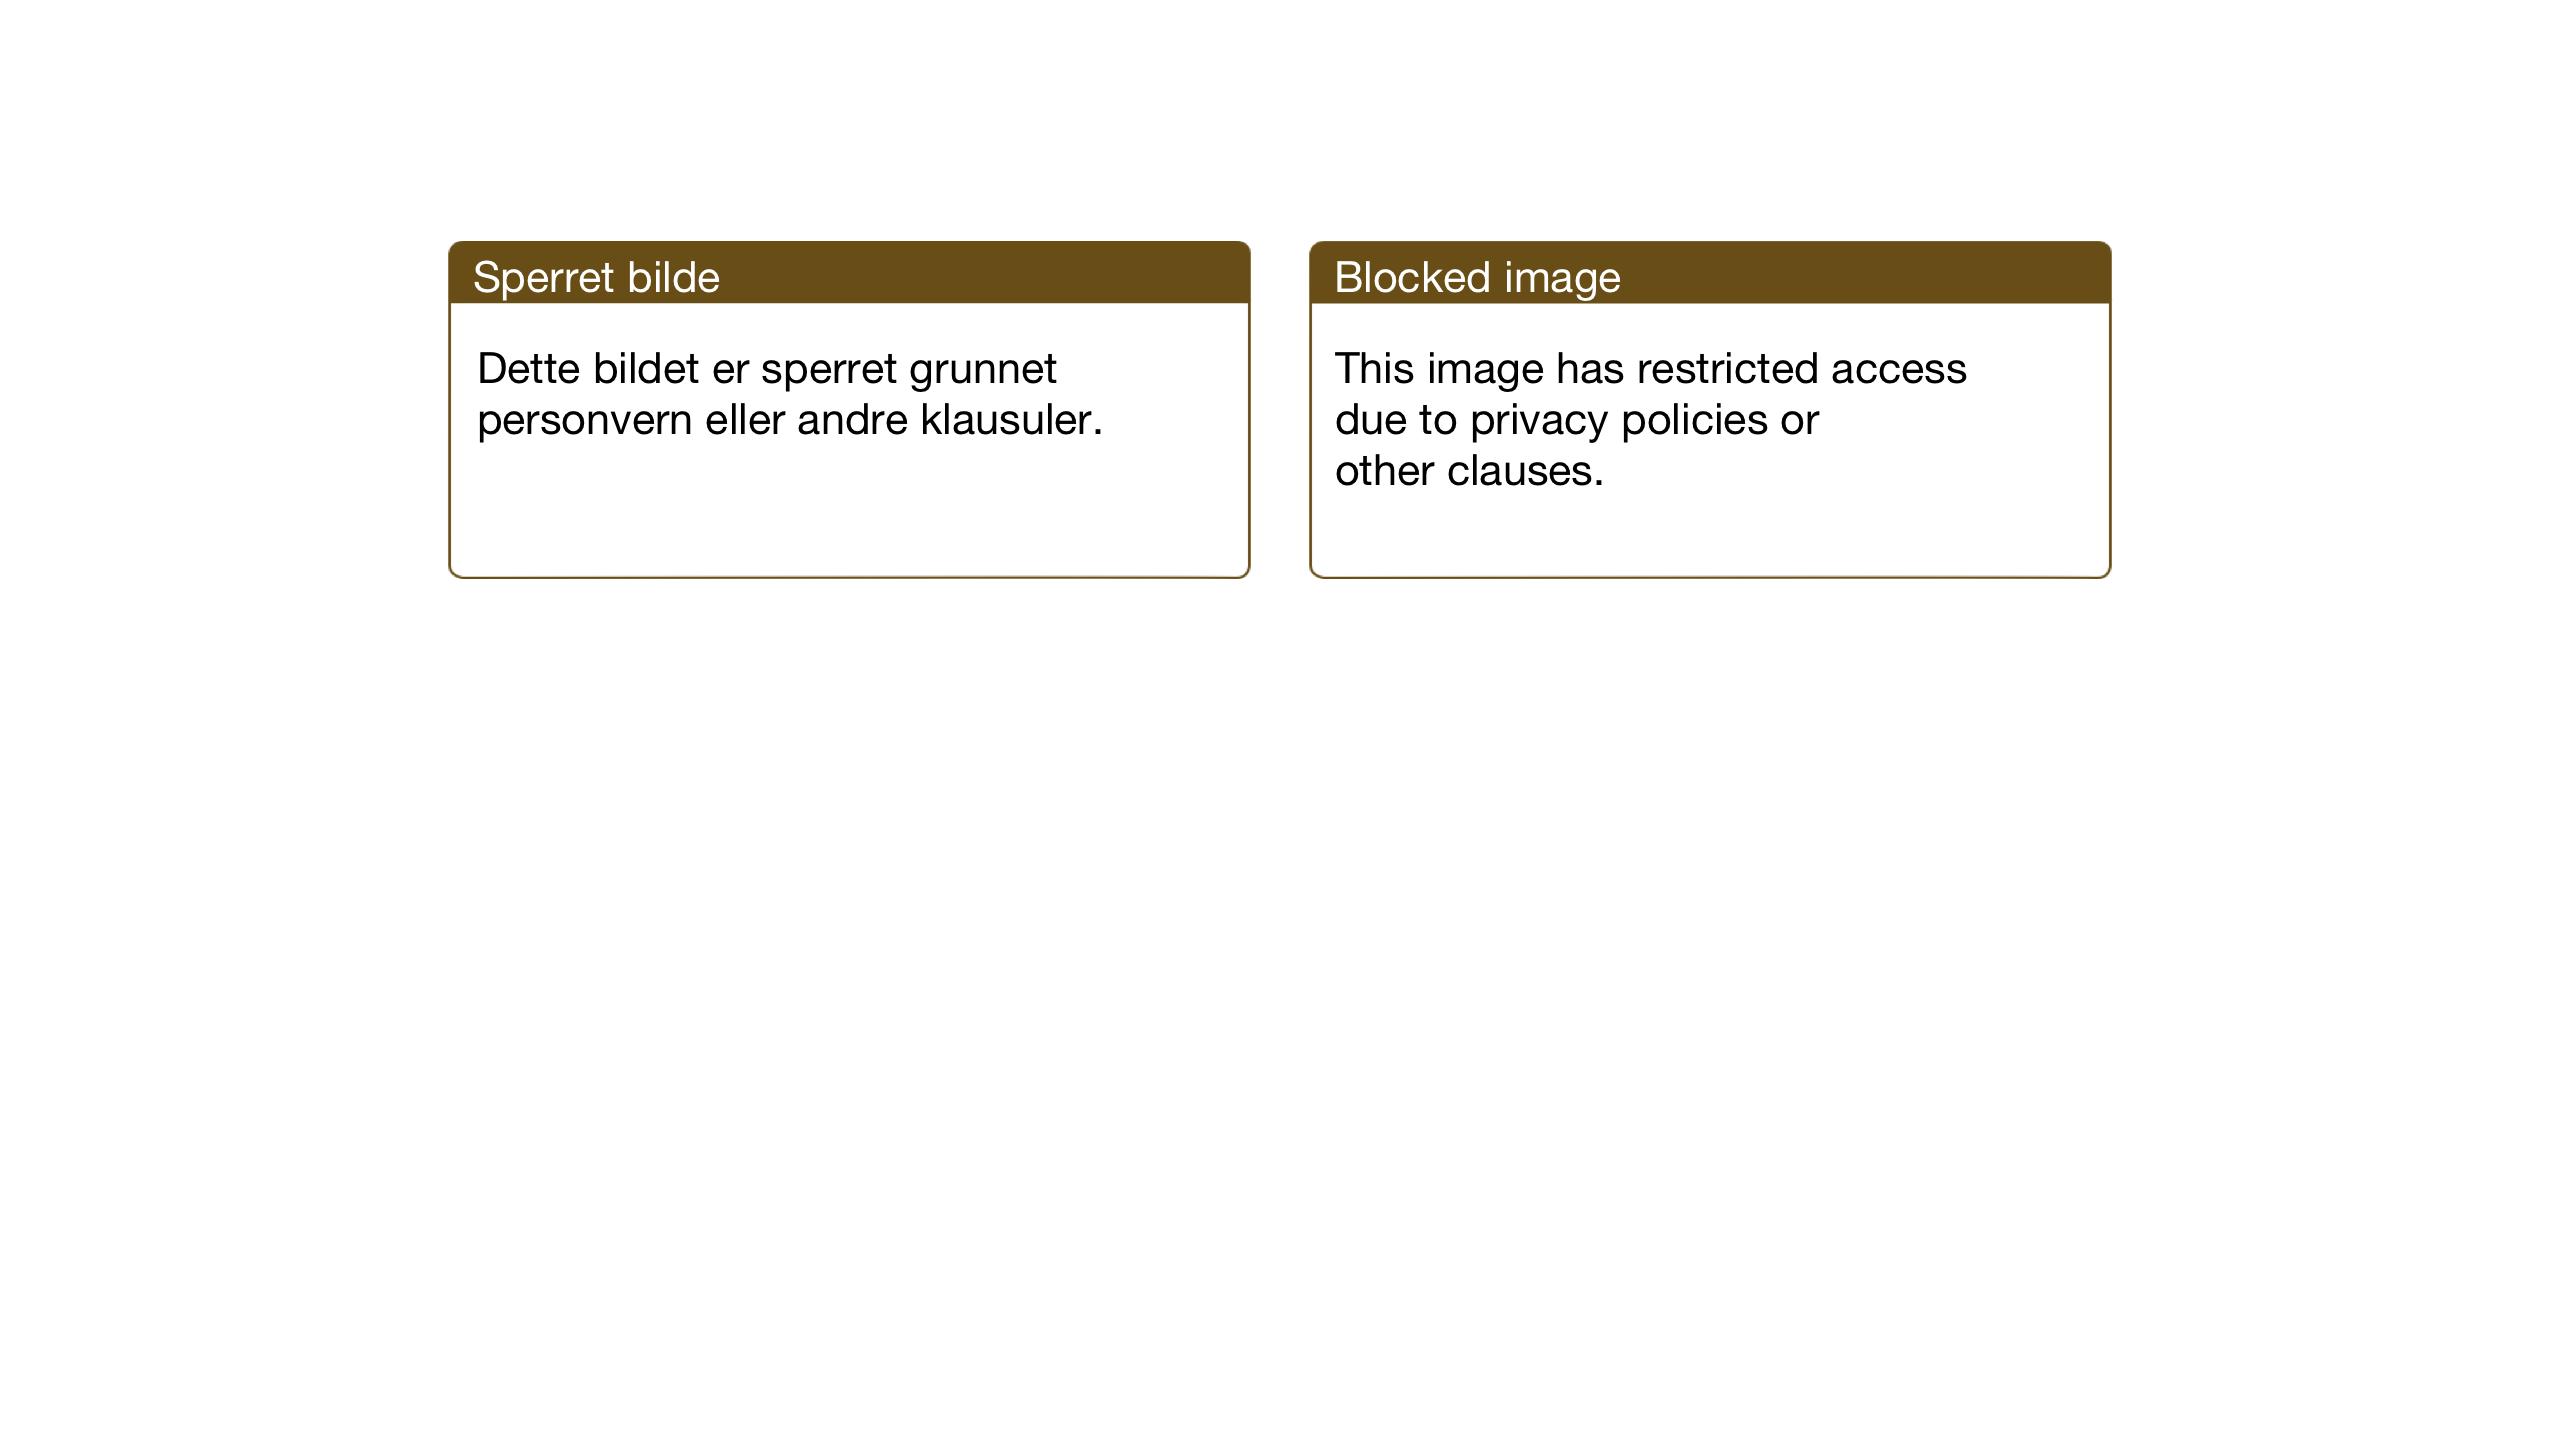 SAT, Ministerialprotokoller, klokkerbøker og fødselsregistre - Sør-Trøndelag, 672/L0866: Klokkerbok nr. 672C05, 1929-1939, s. 62